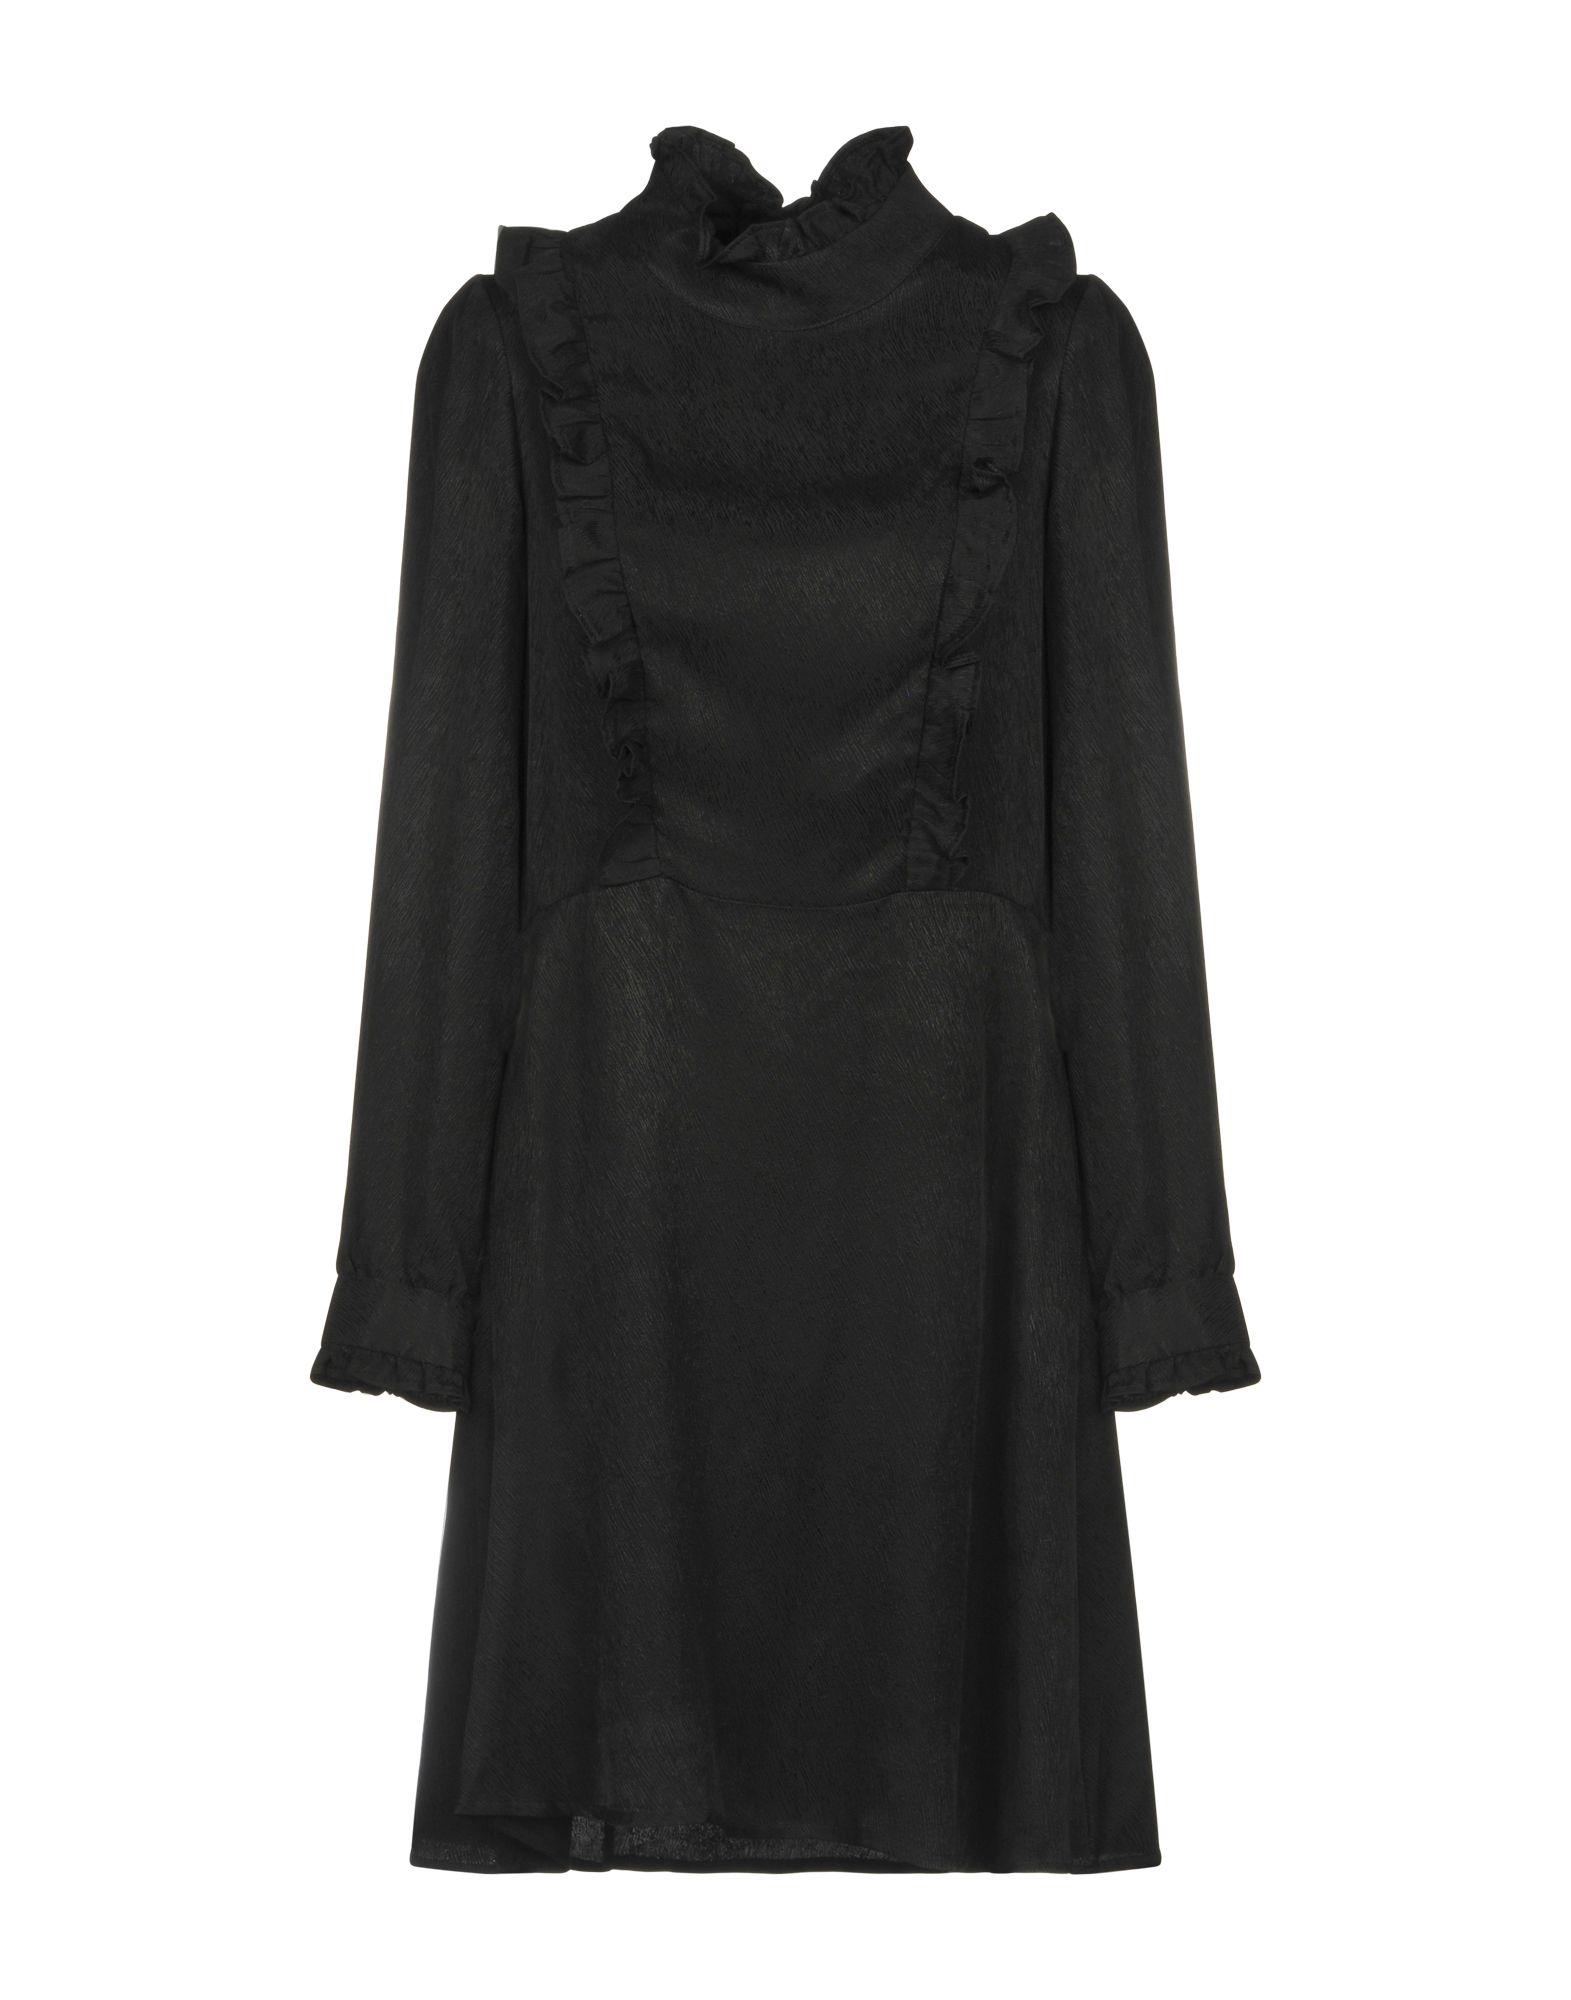 DEBY DEBO Short Dresses in Black